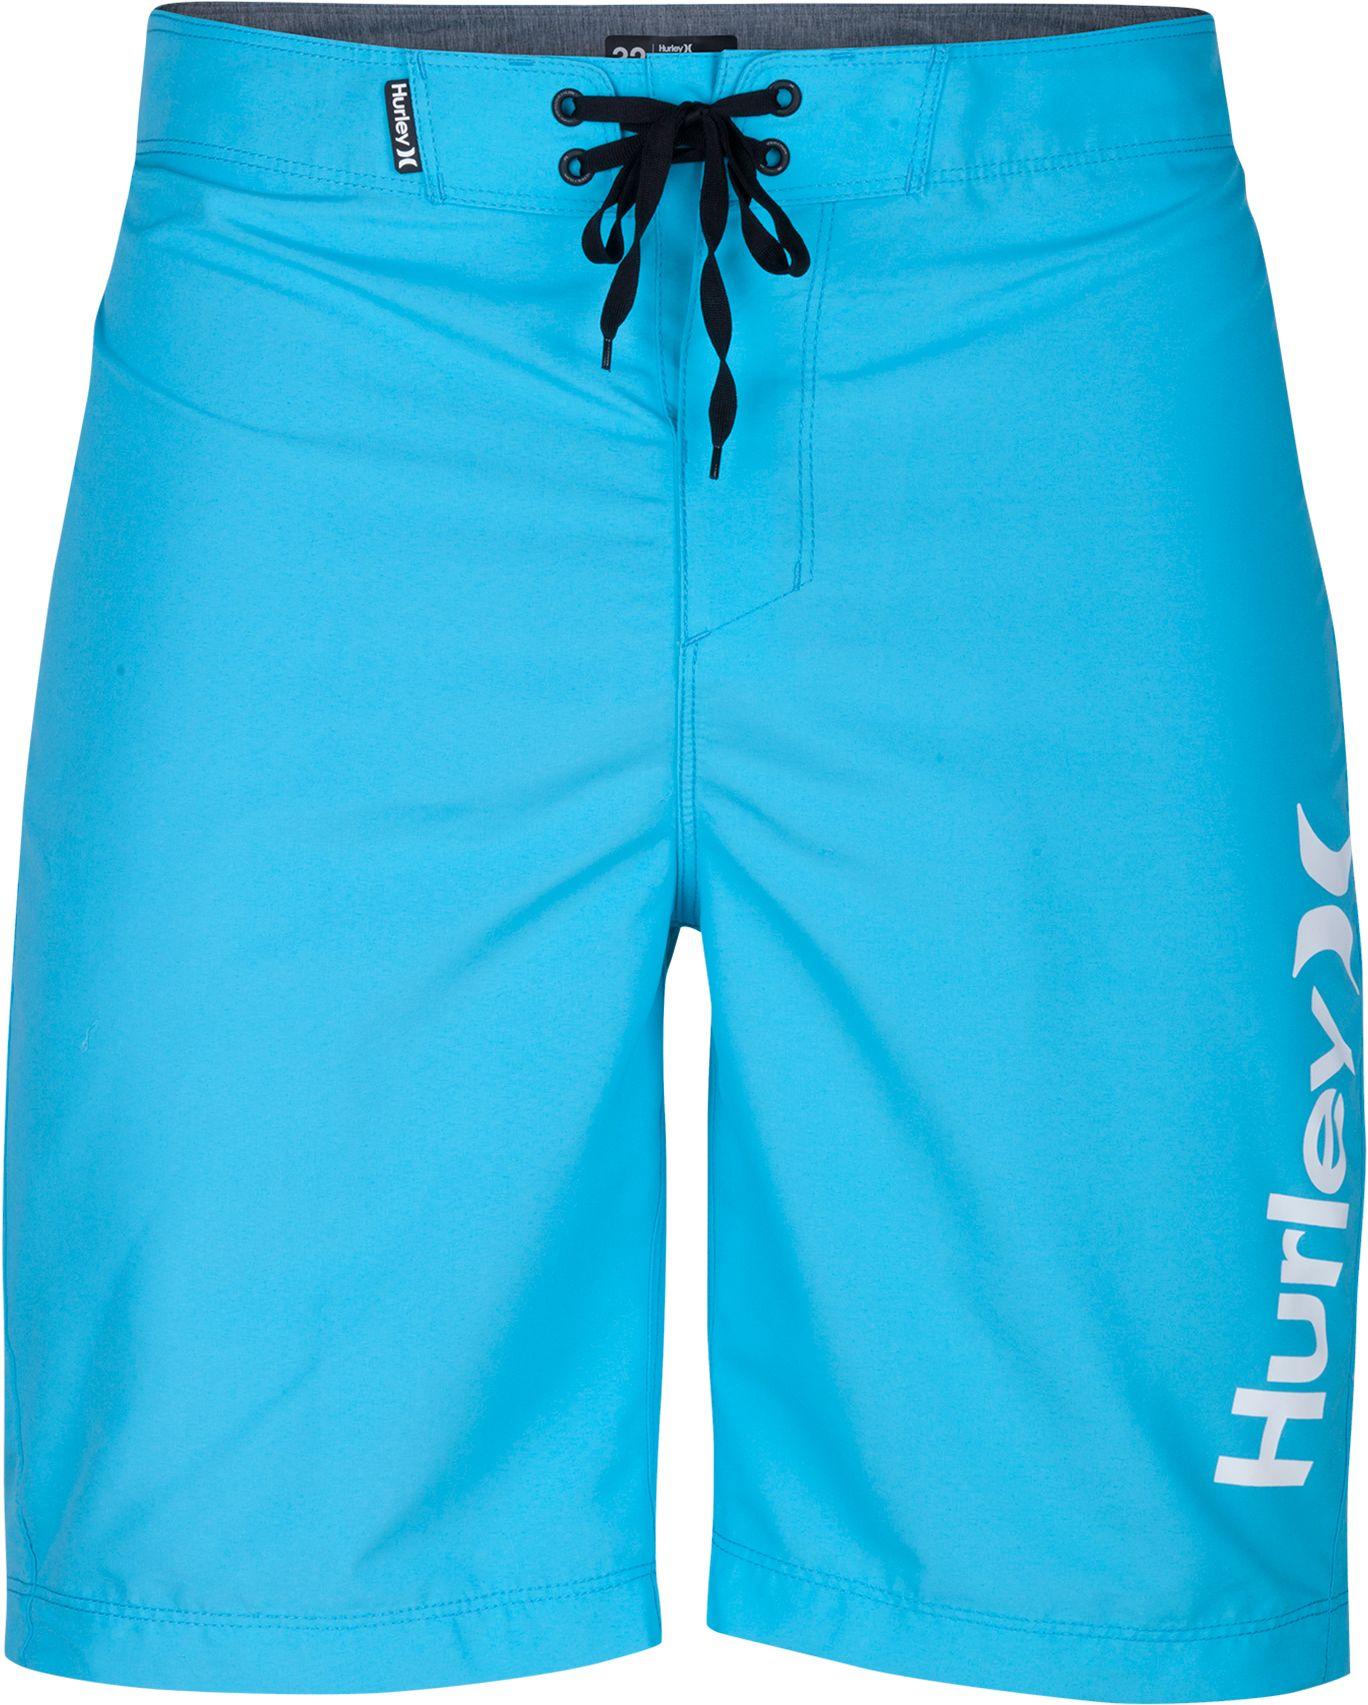 board shorts noimagefound ??? lttezvr